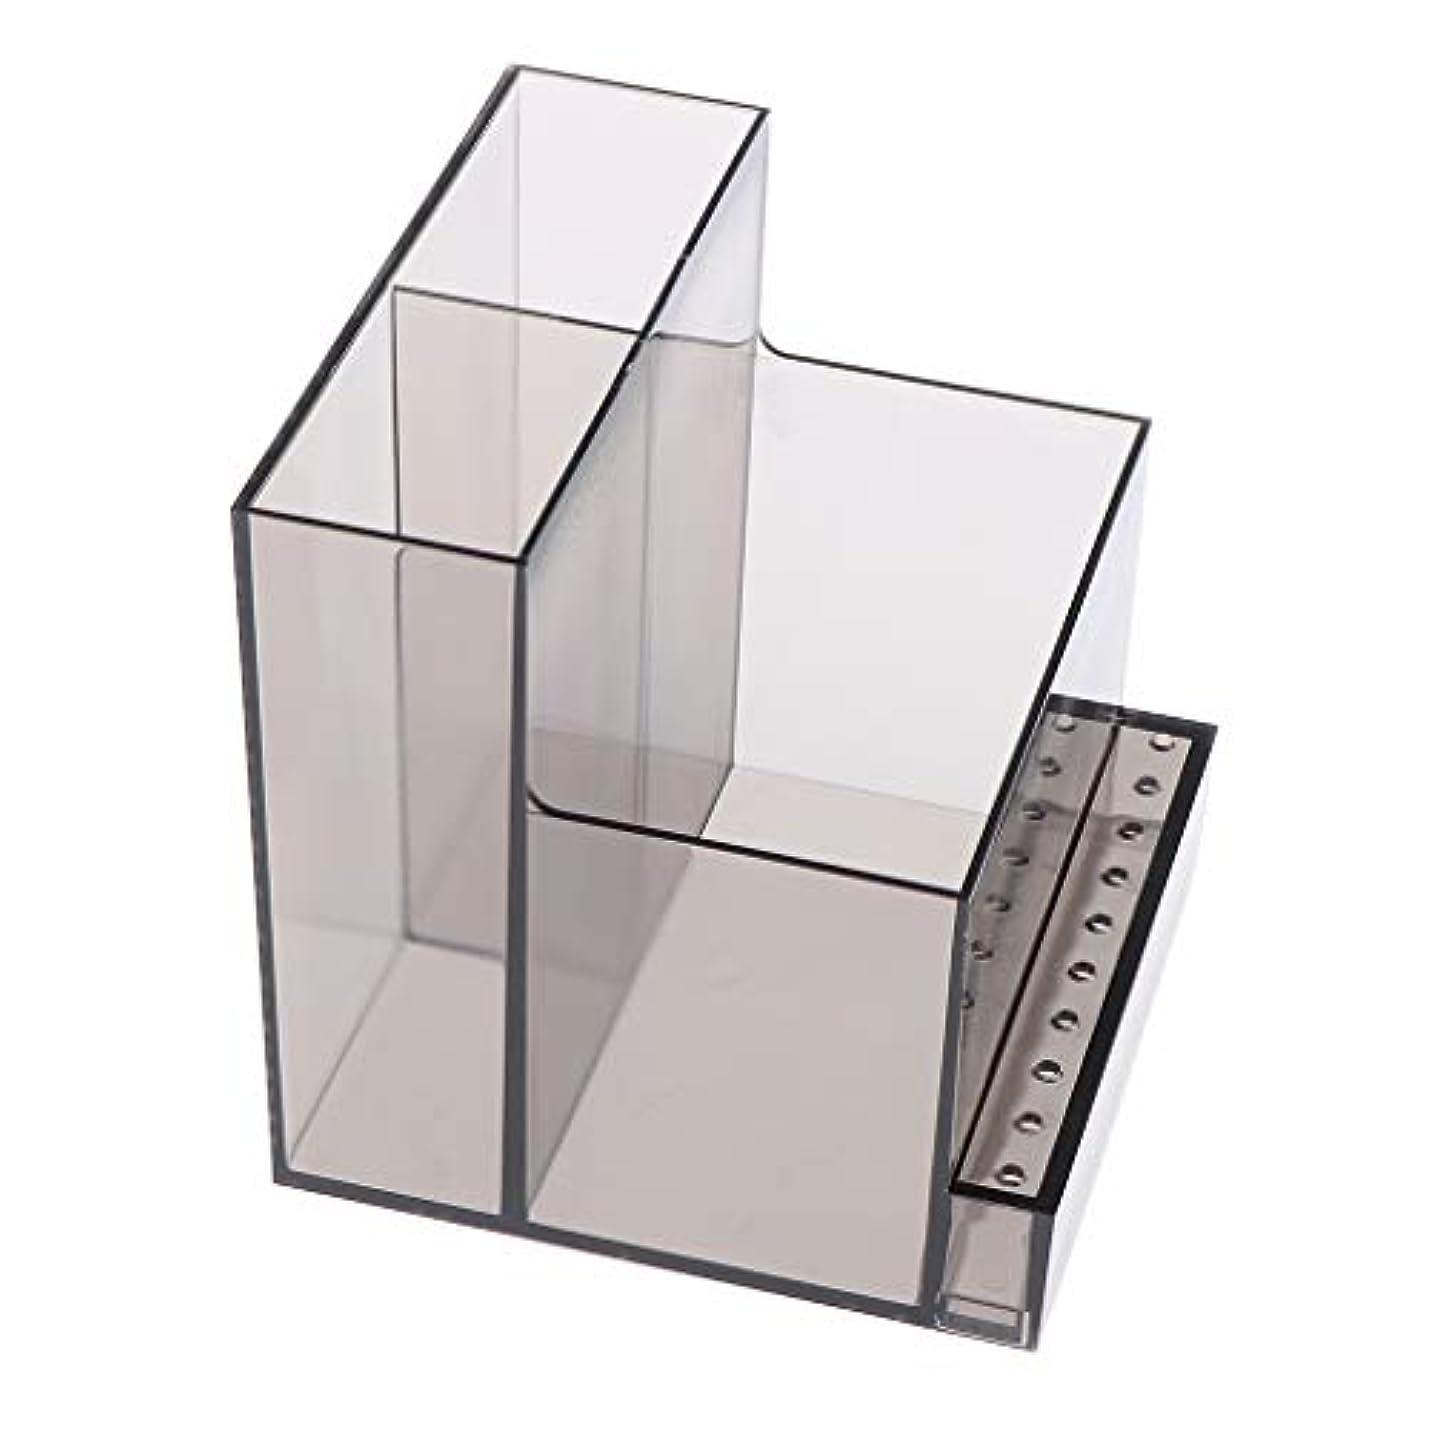 相手すべき宿ネイルドリルマシンホルダー アクリル製 収納ホルダー ボックス プロ ネイルサロン 2色選べ - ブラック